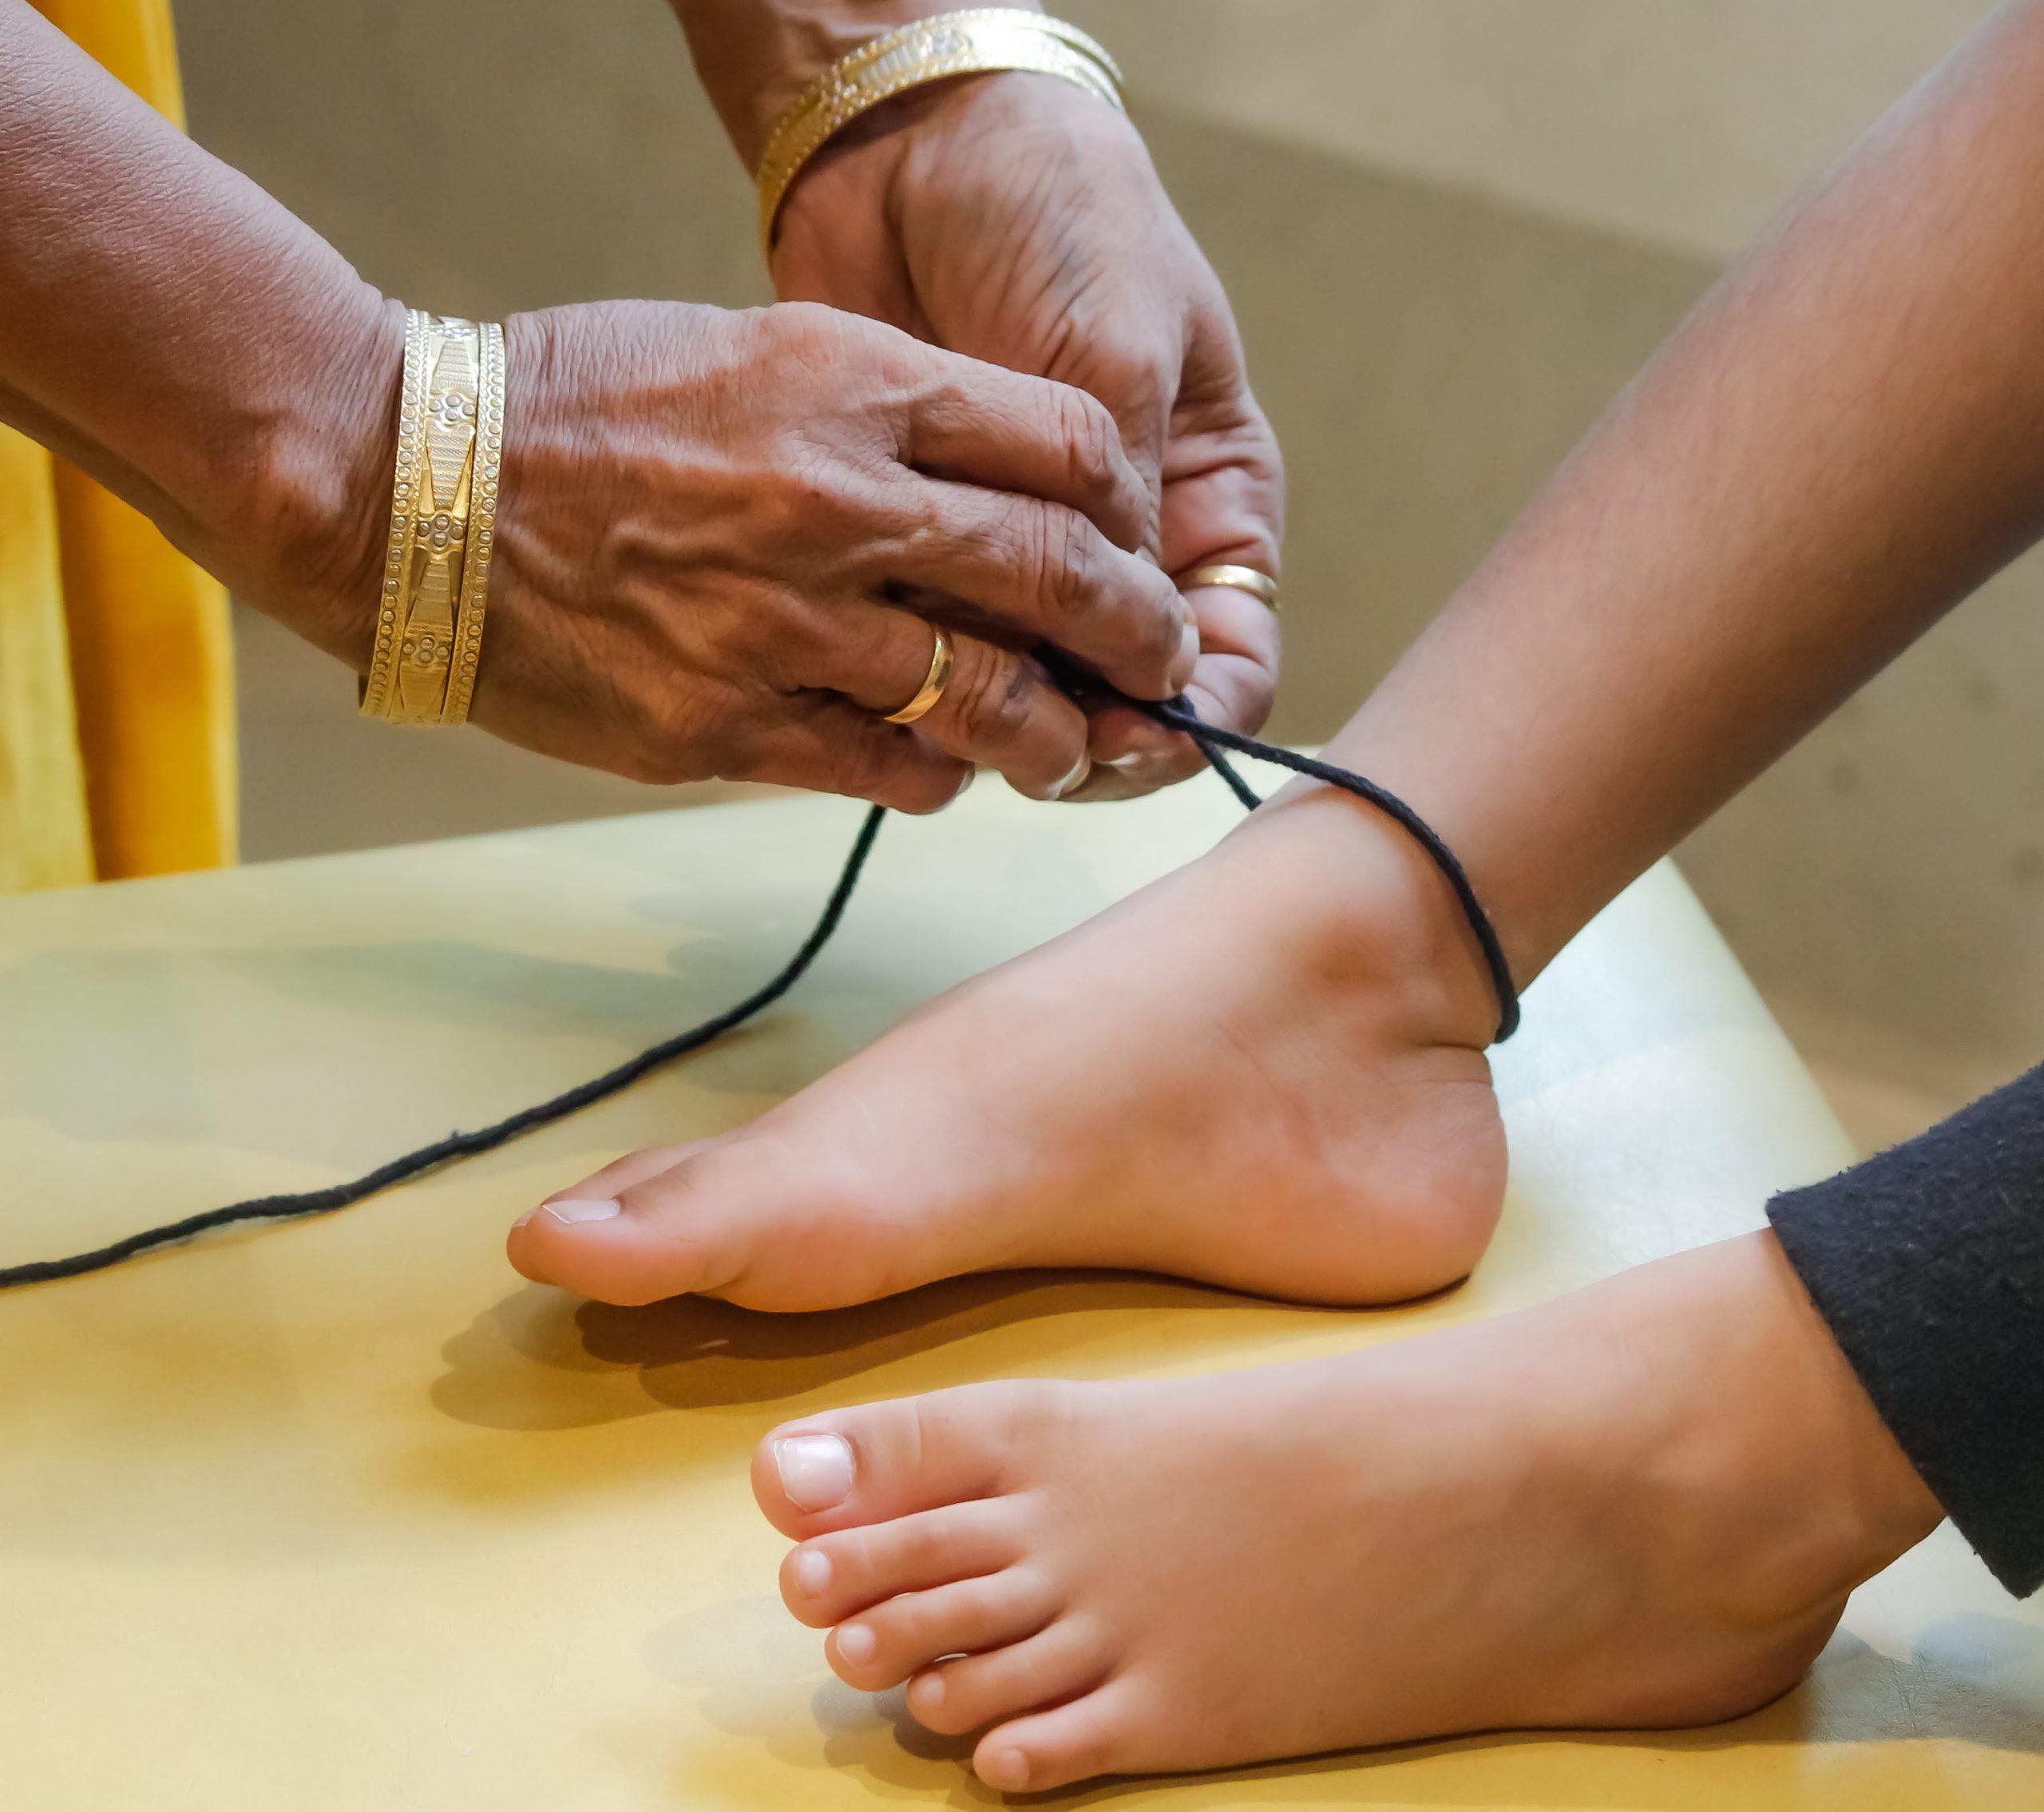 Tying a thread on feet